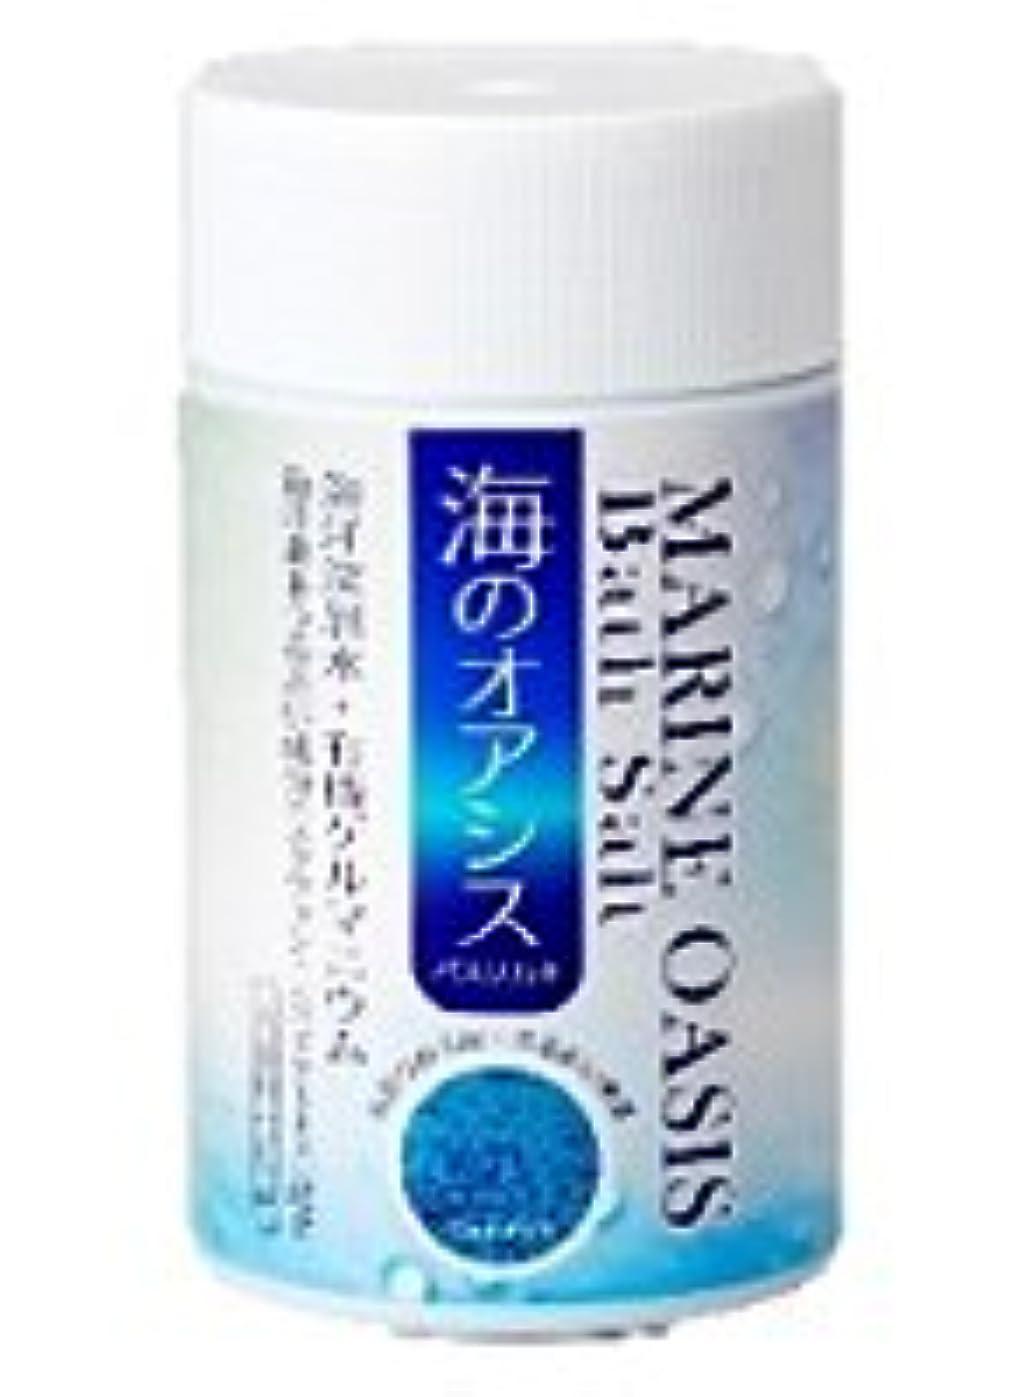 喜劇研磨剤トランク入浴用化粧品 海のオアシス バスソルト 1020g